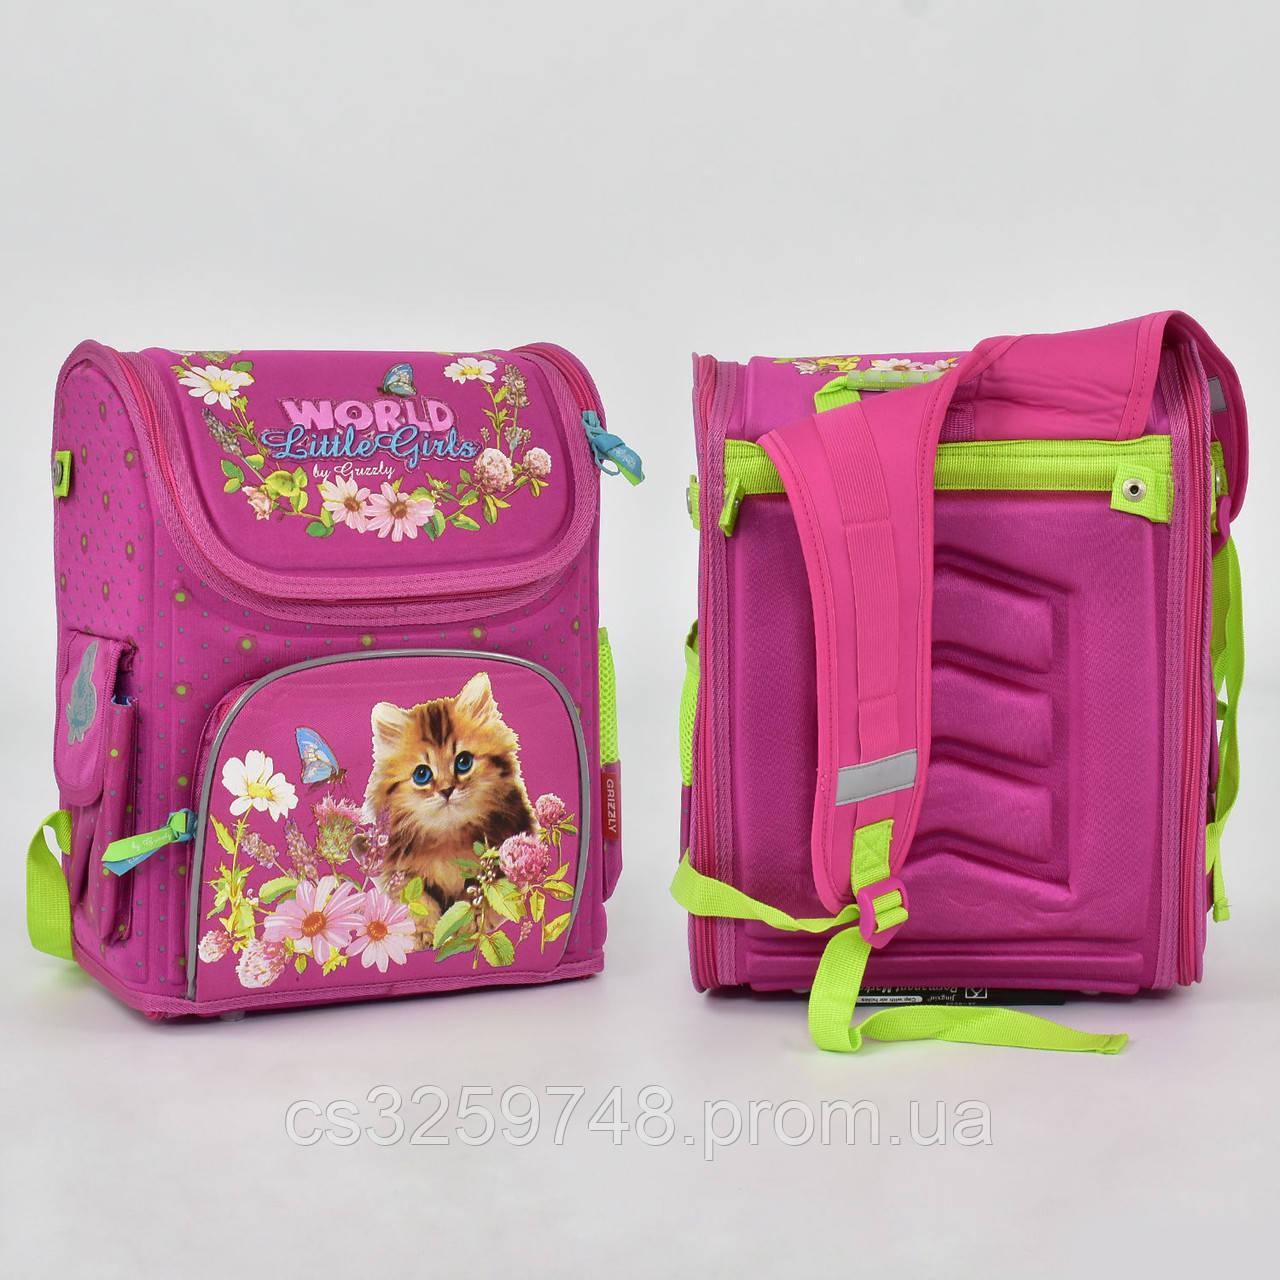 Рюкзак школьный N 00149, 1 отделение, 3 кармана, спинка ортопедическая